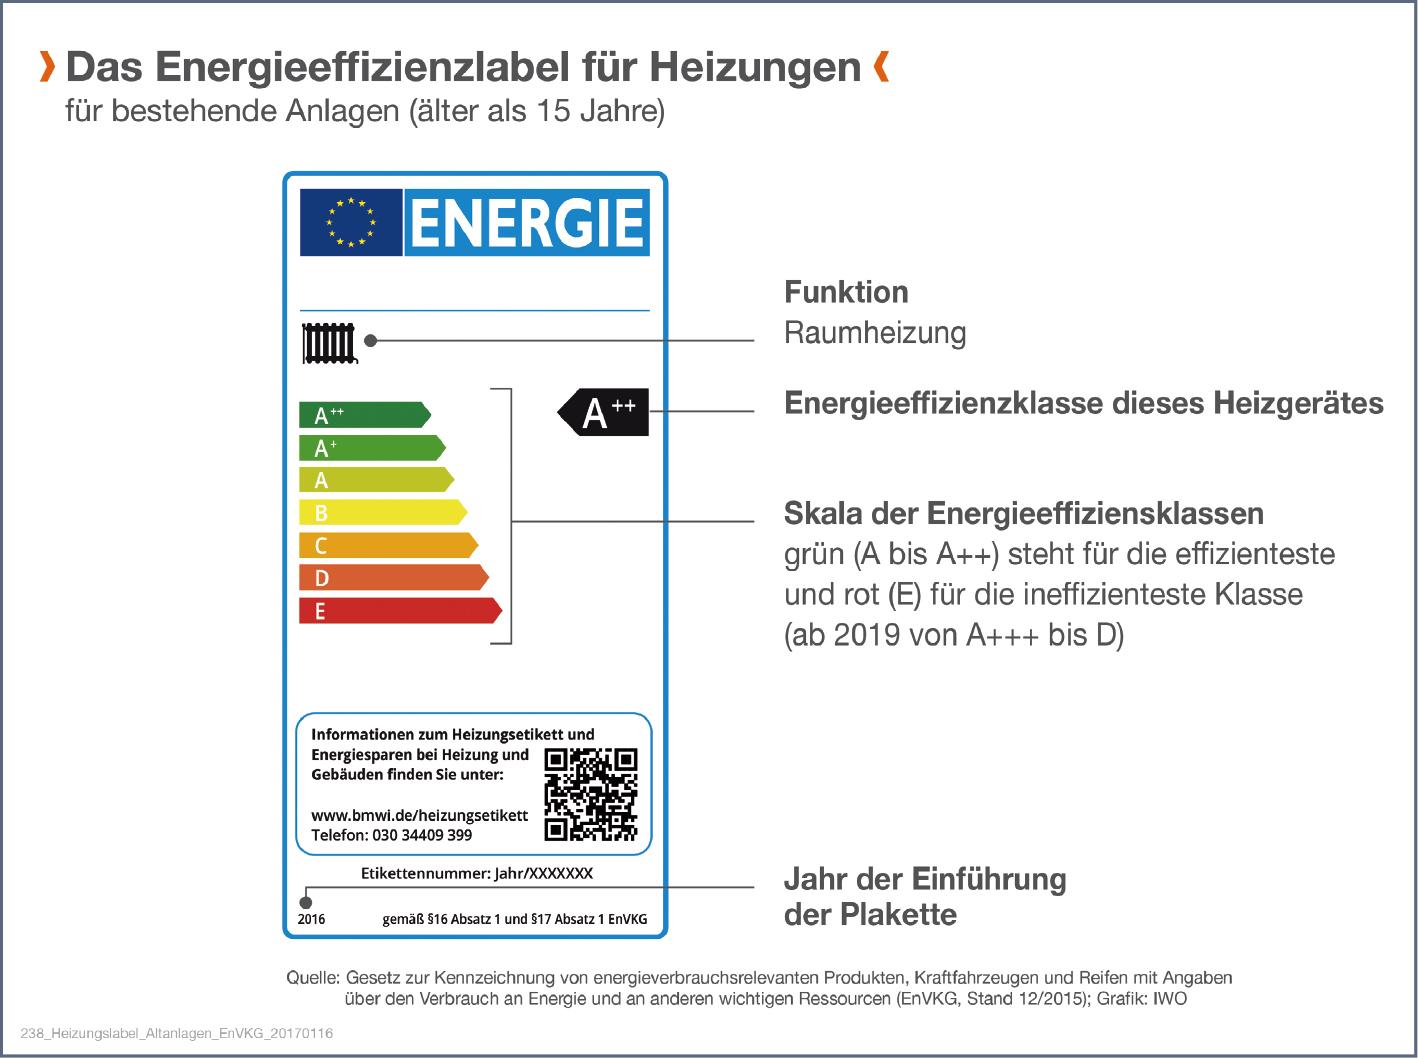 Energieeffizienz für Heizungen